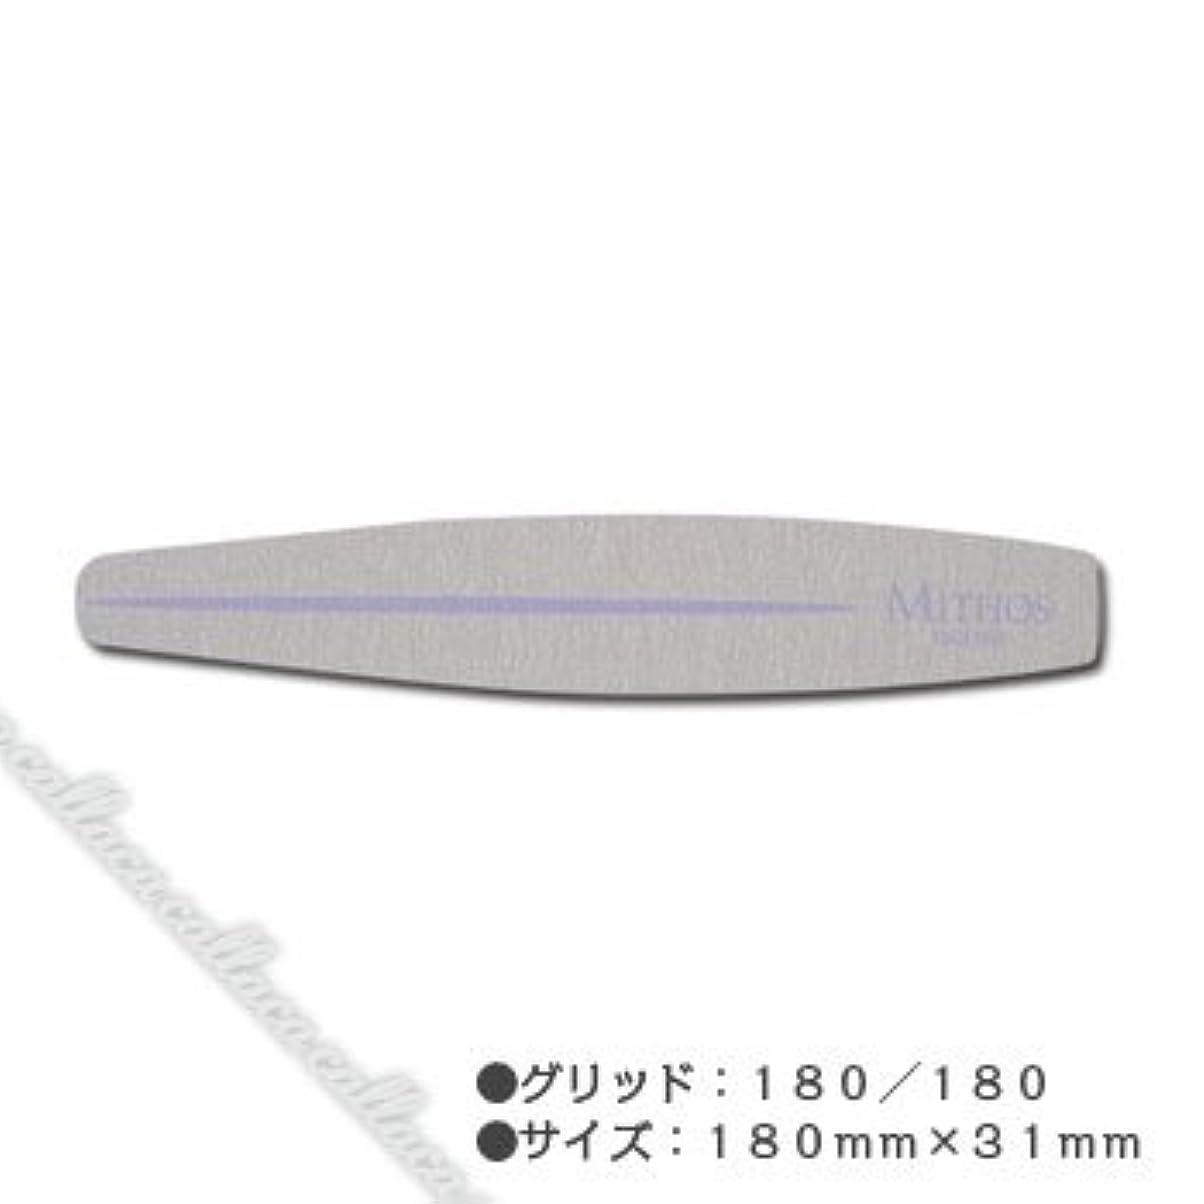 慈悲しつけ盆MITHOS ミトス  ゼブラファイル 180/180